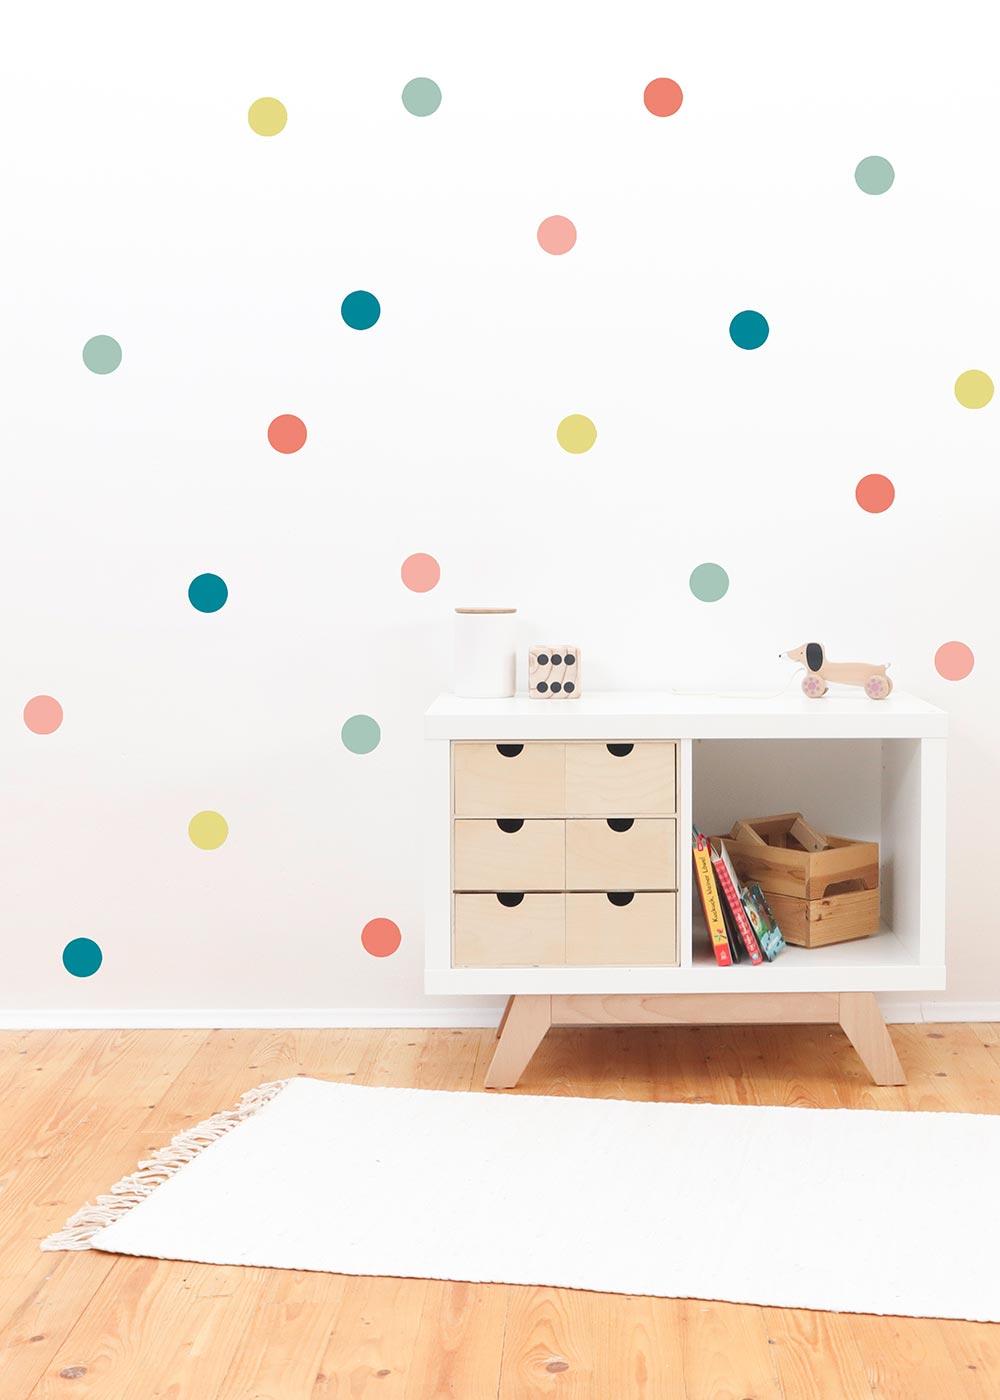 Stickerset Polka dots Pastell Beispiel Kinderzimmer